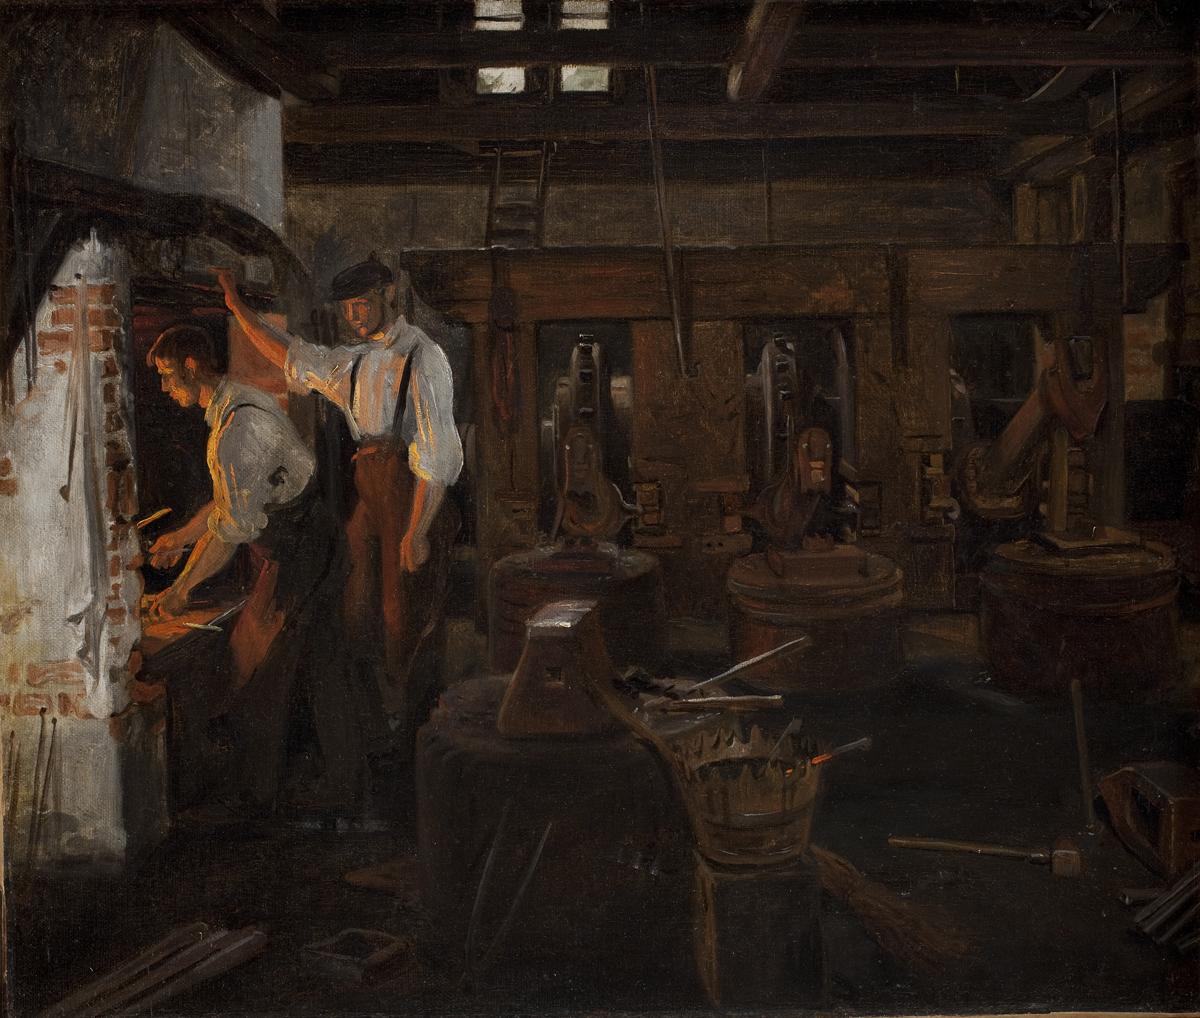 Constantin Hansen (1804-1880), Det indvendige af den gamle hammermoelle ved Hellebaek, 1859